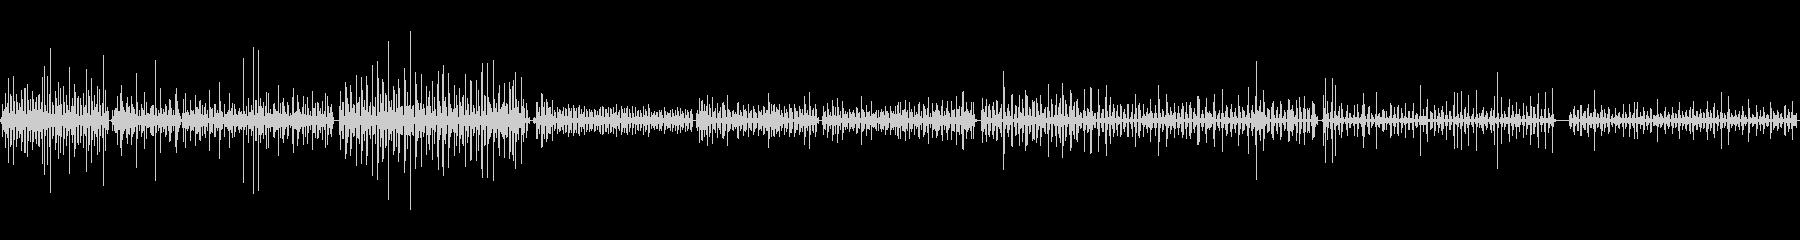 歯磨きの音の未再生の波形